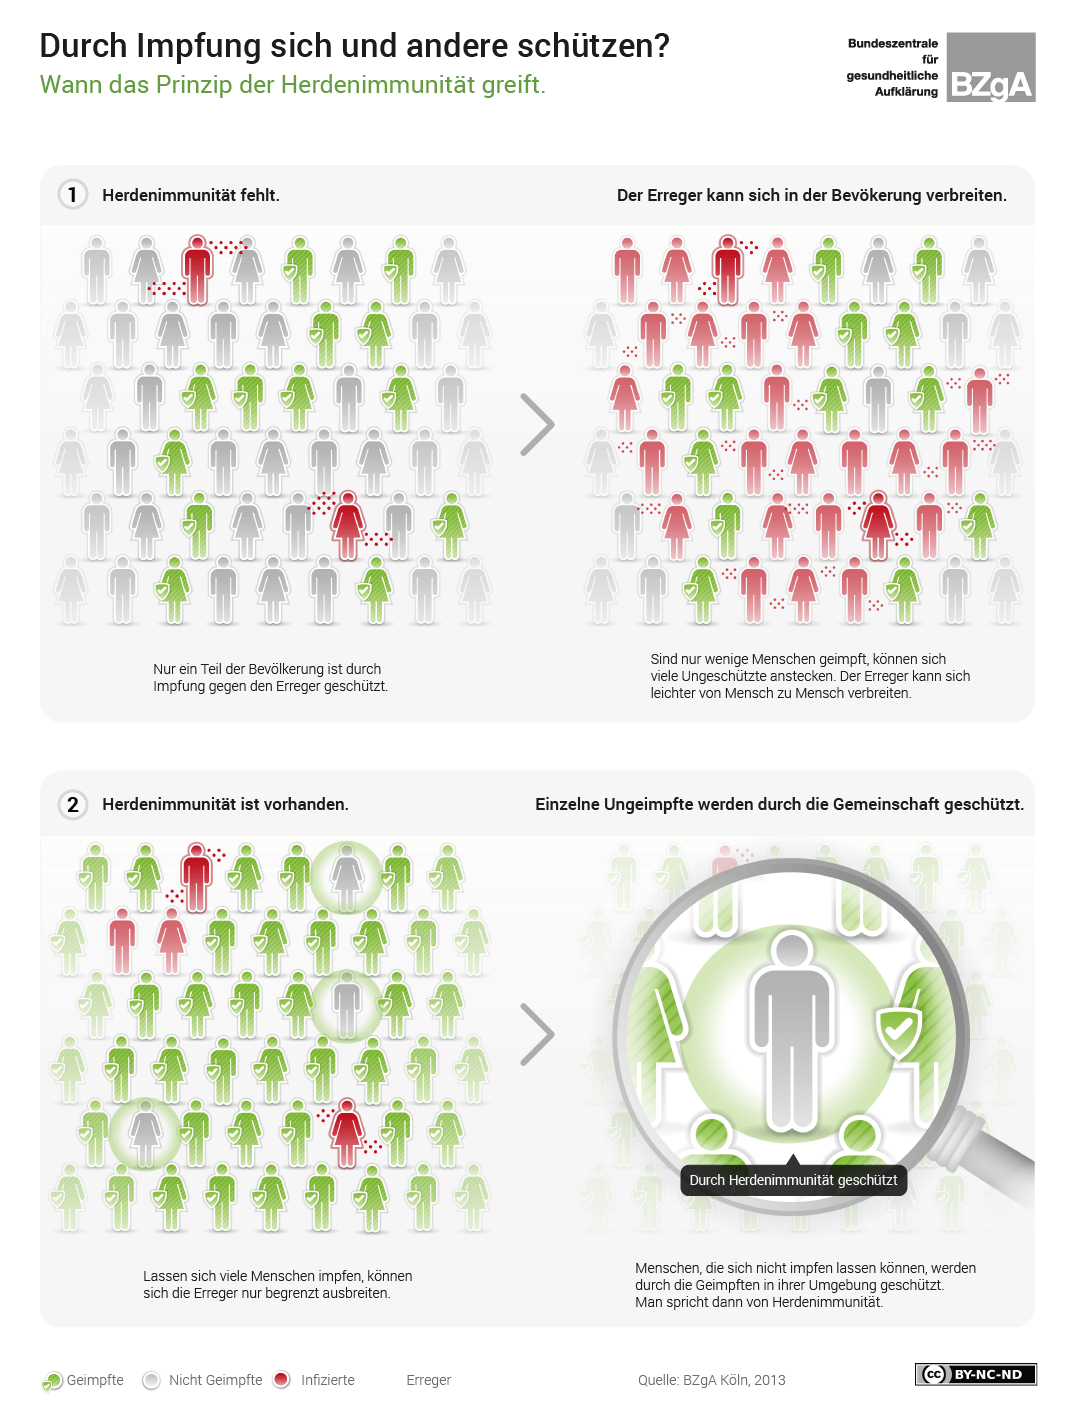 Infografik: So funktioniert Herdenimmunität